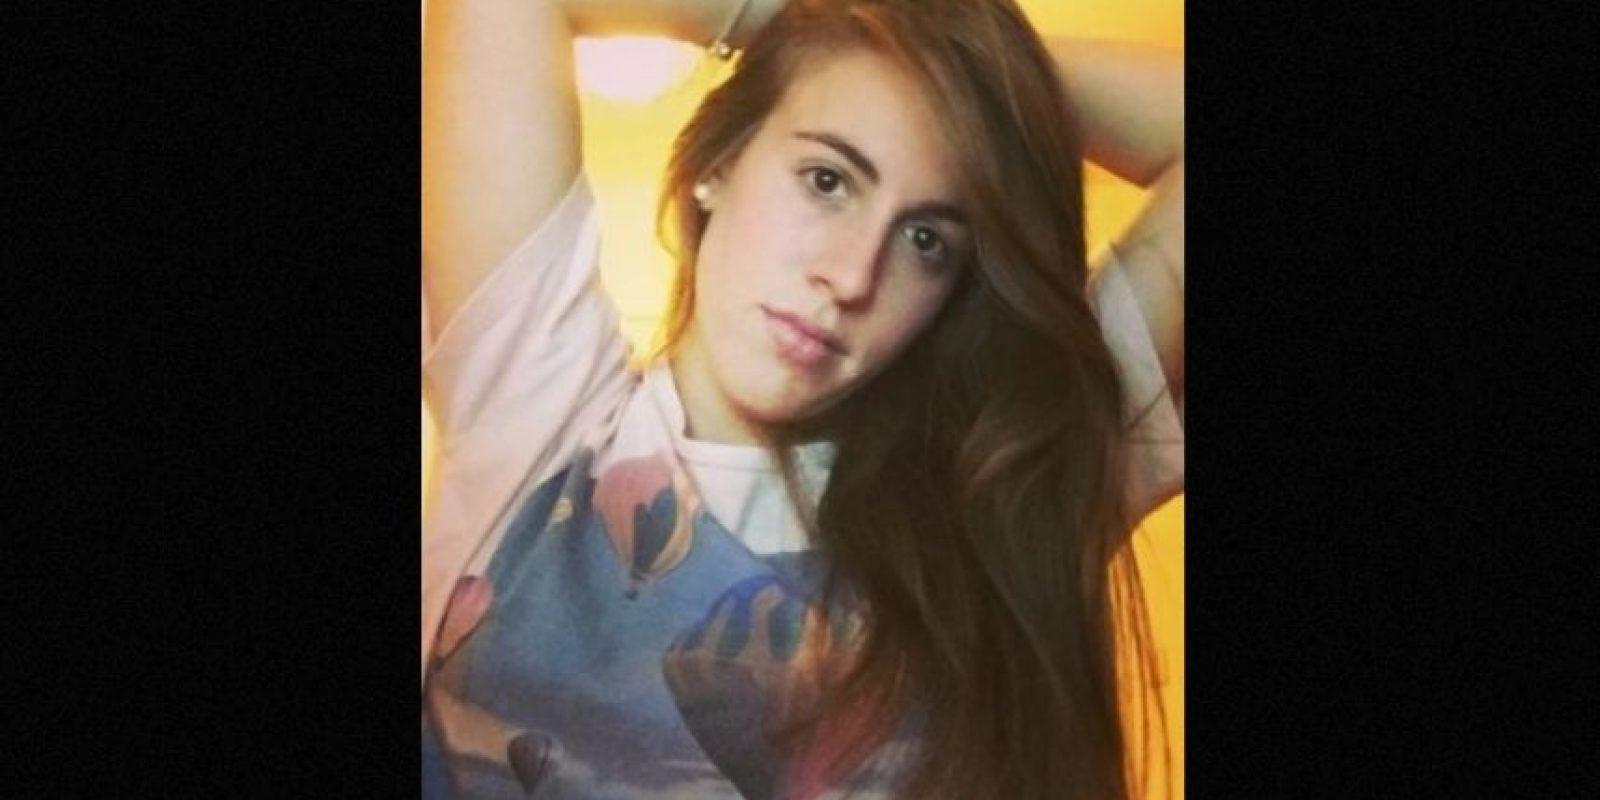 La actriz argentina ahora tiene 21 años. Foto:Instagram/laura_esquivel